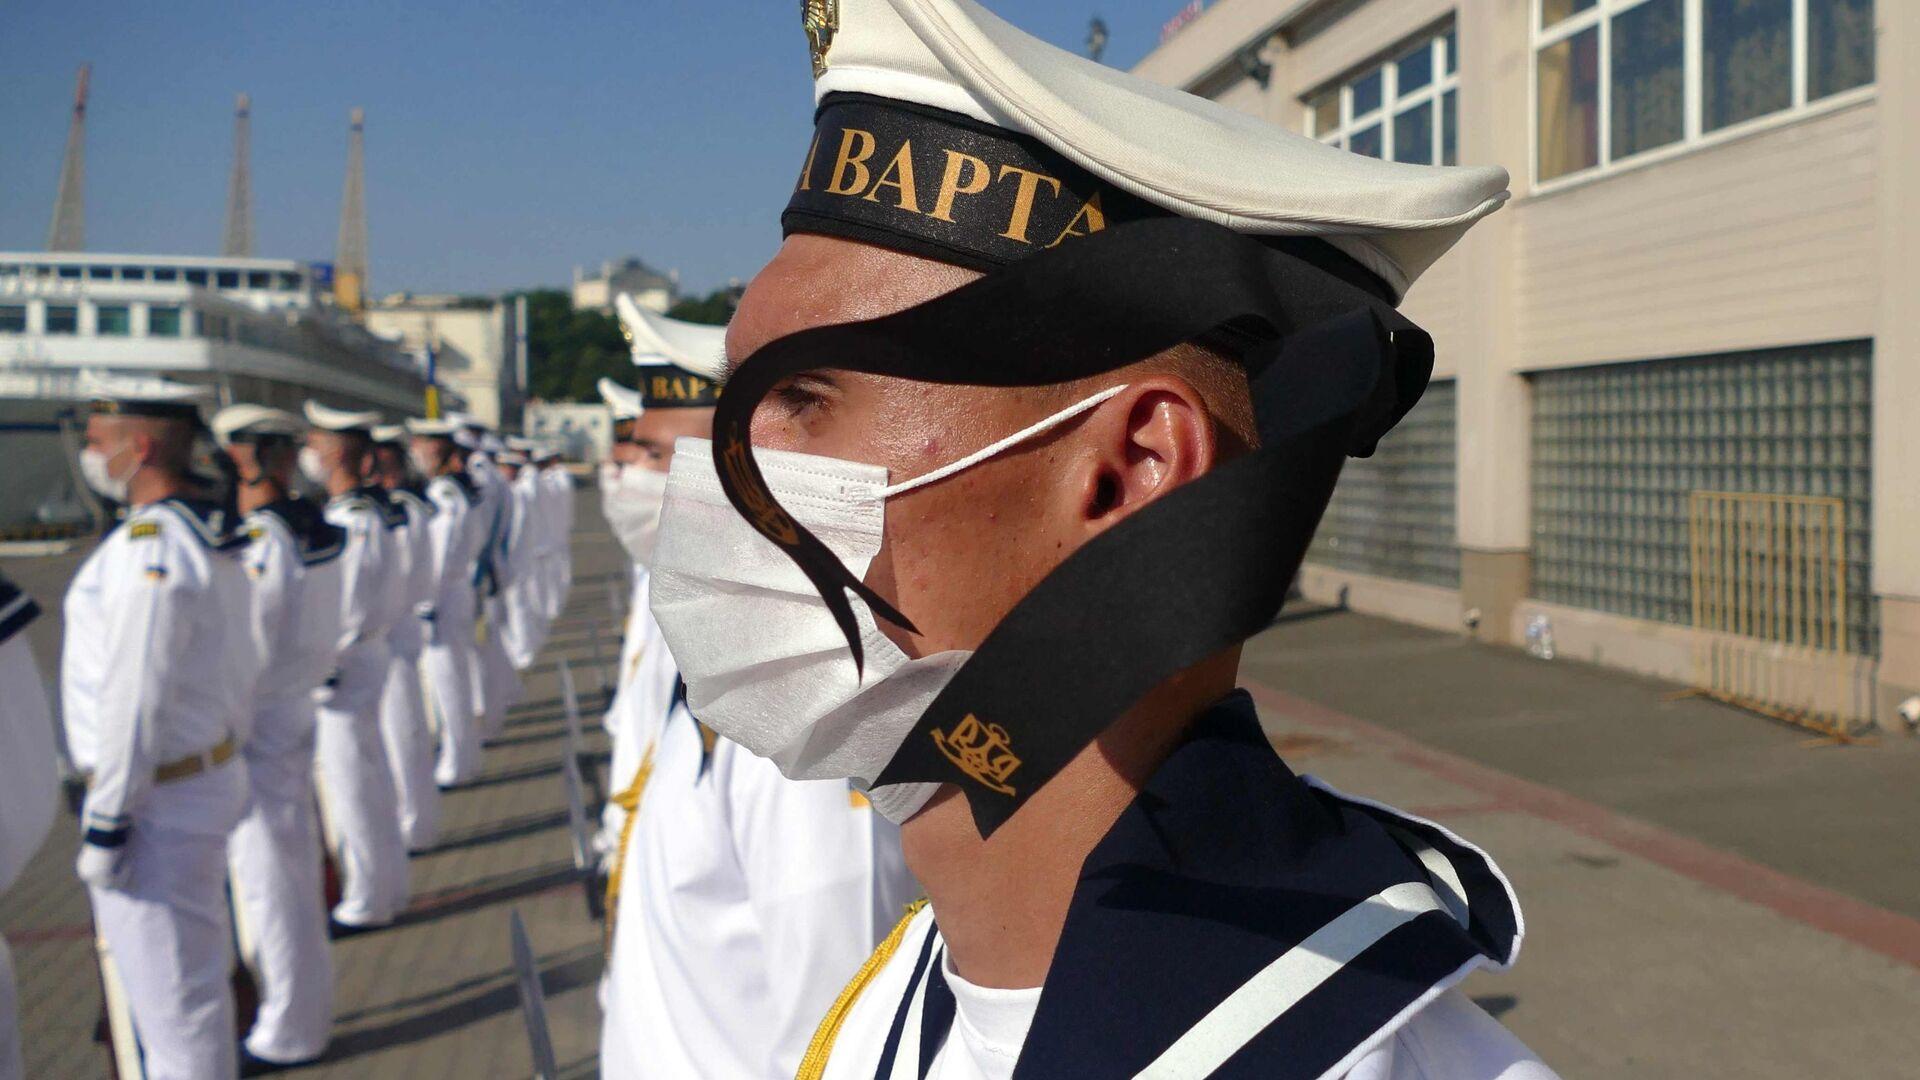 Украинские моряки принимают участие в торжествах в честь Дня ВМС Украины - РИА Новости, 1920, 05.08.2021